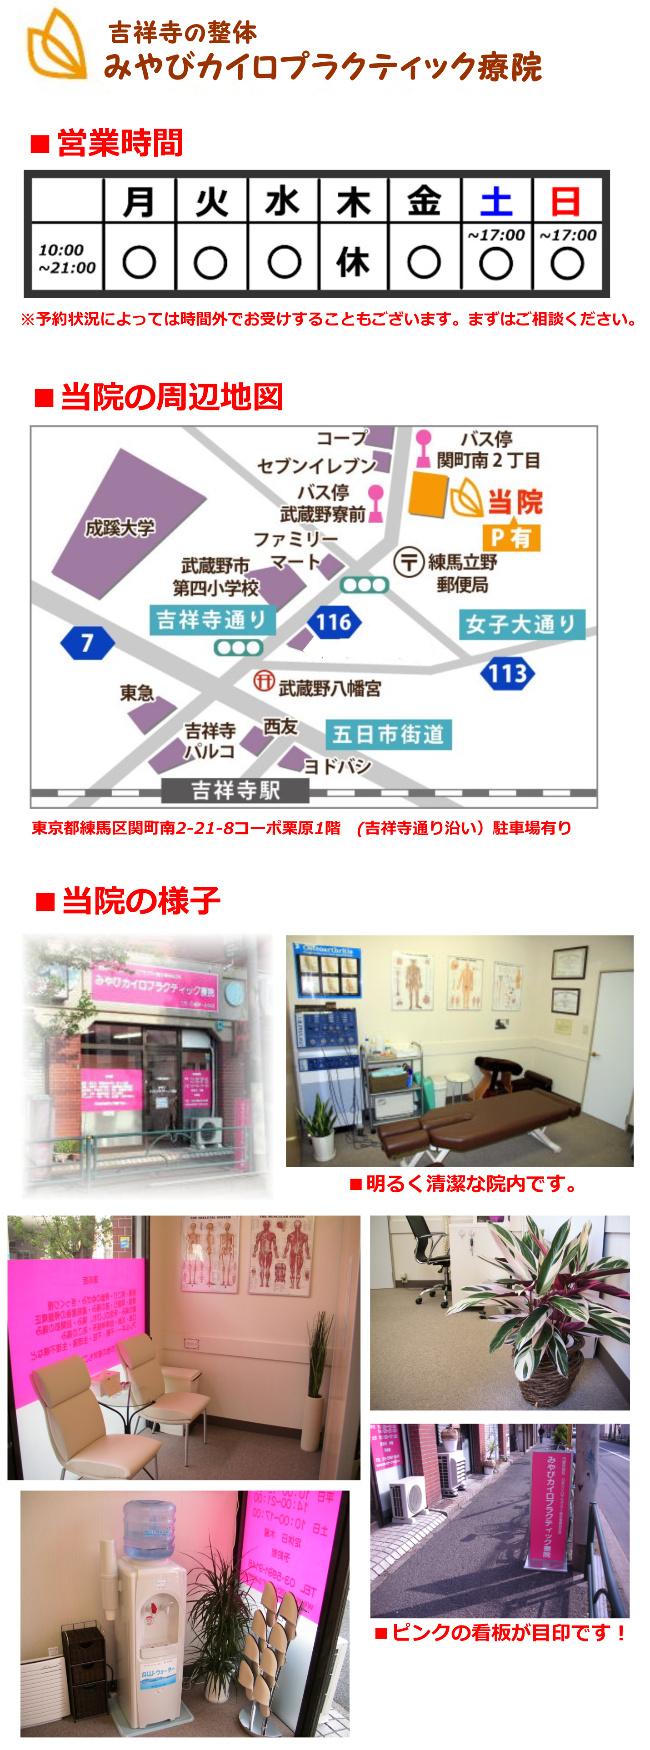 営業時間・当院の周辺地図・当院の様子